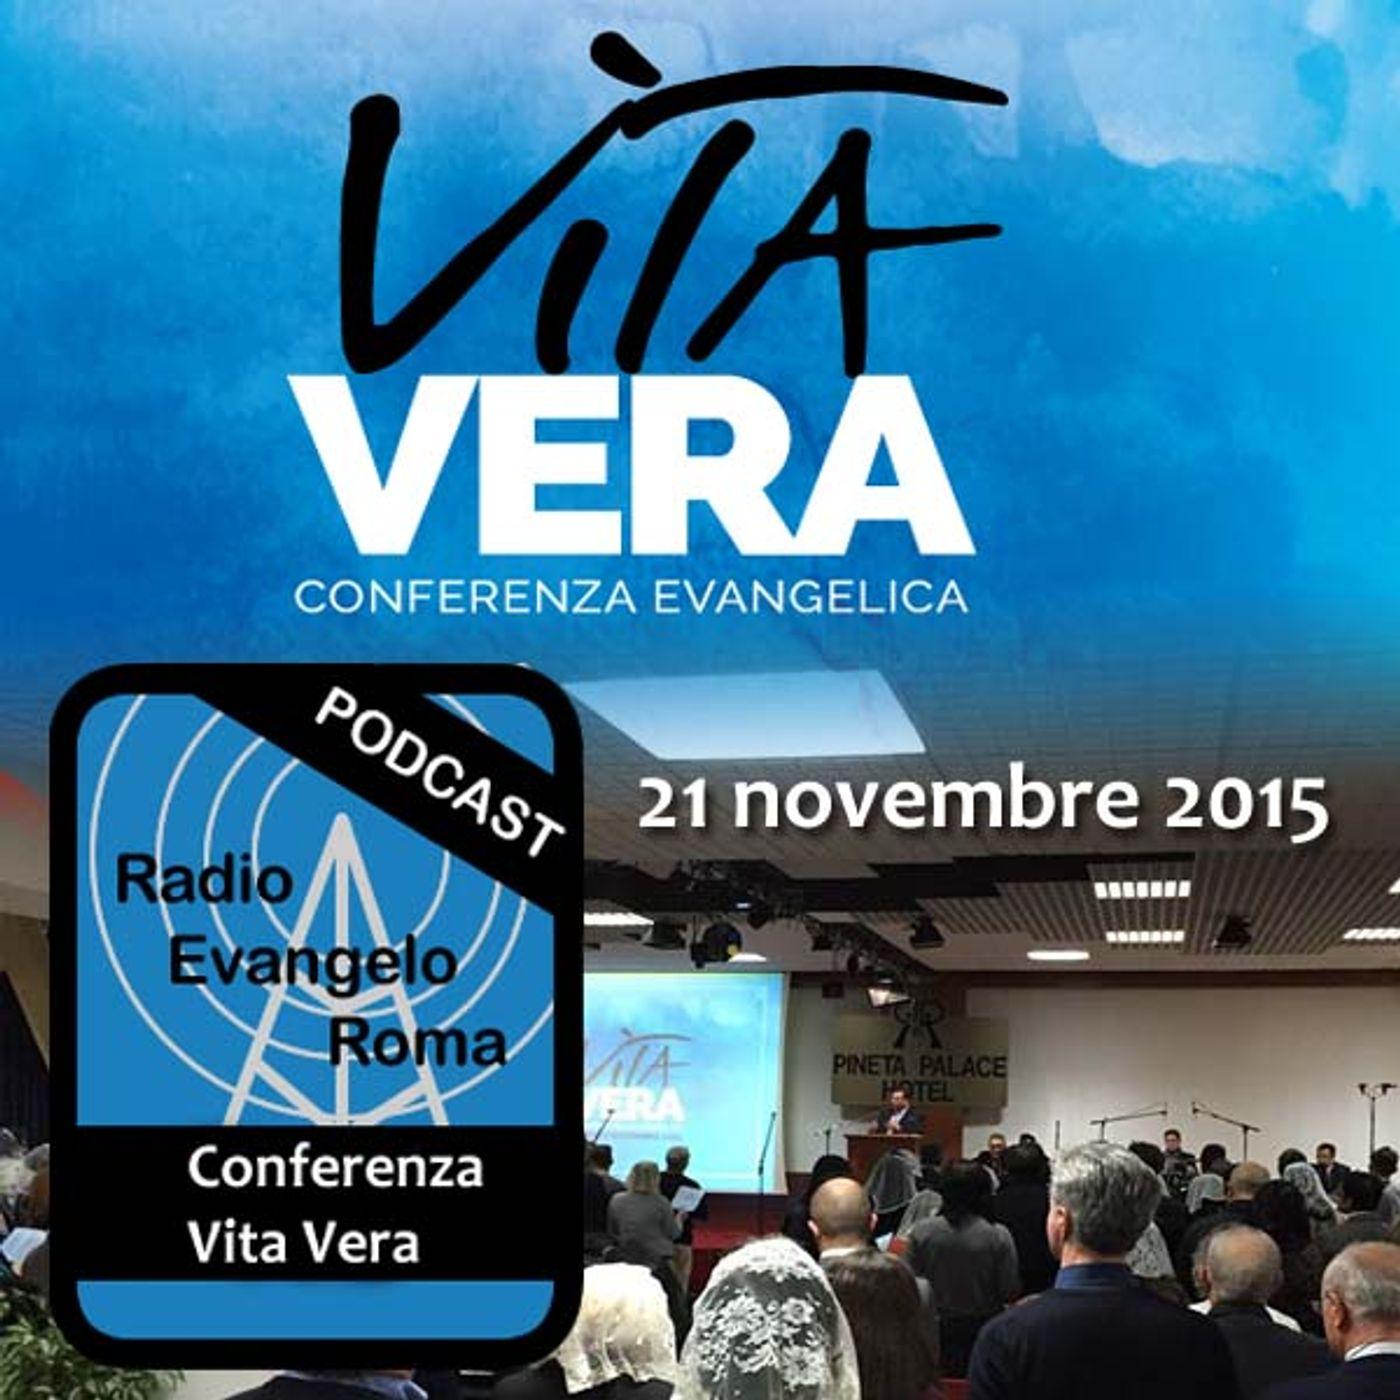 Conferenza Vita Vera